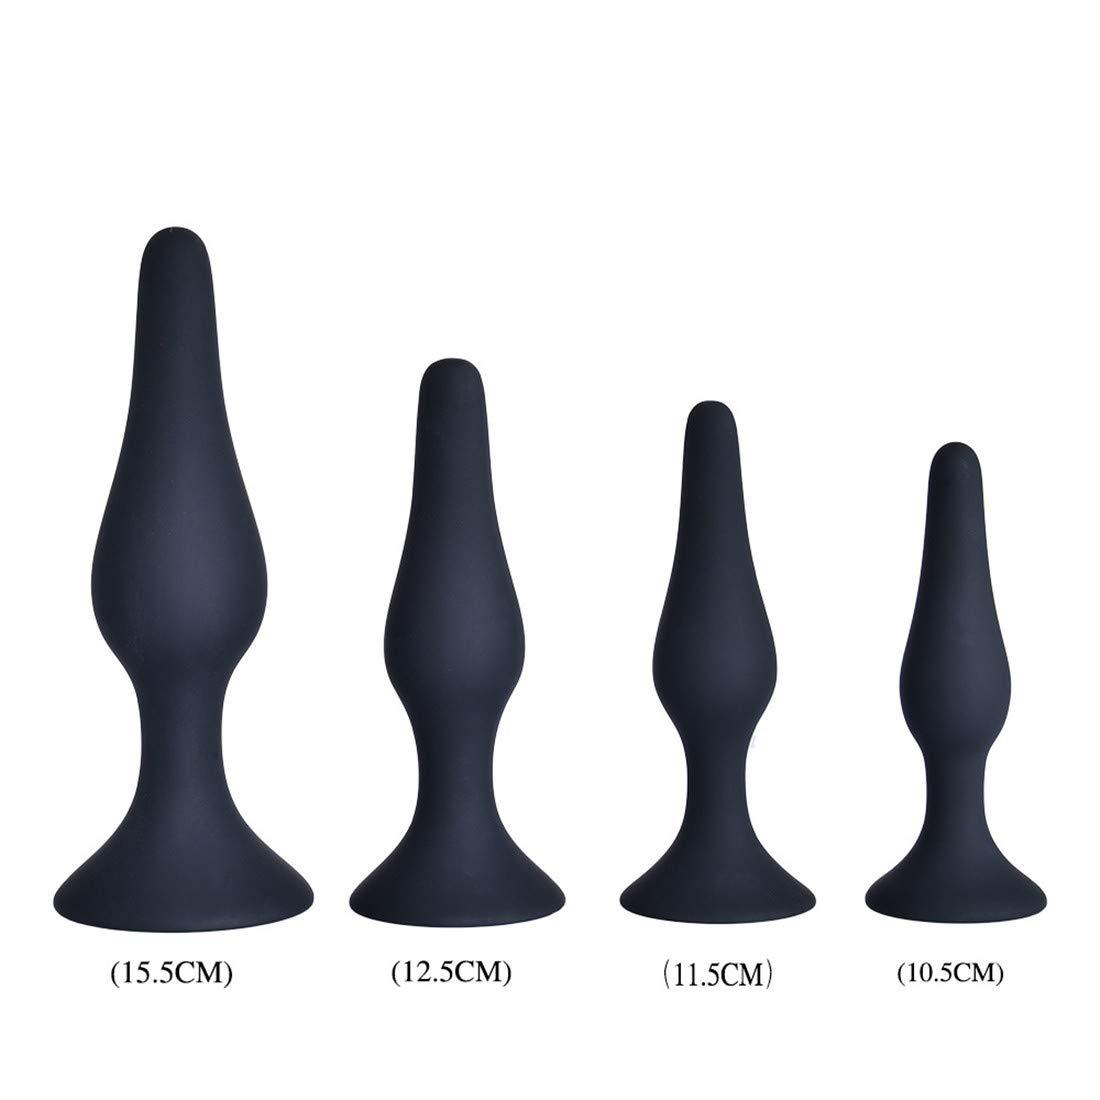 Mifusanahorn Juego de Cuatro Piezas para Adultos Juguete Masturbación Sexual Plug Anal de Silicona Masturbación Juguete Femenina con Robusta Ventosa Base Anal Plug 83b598